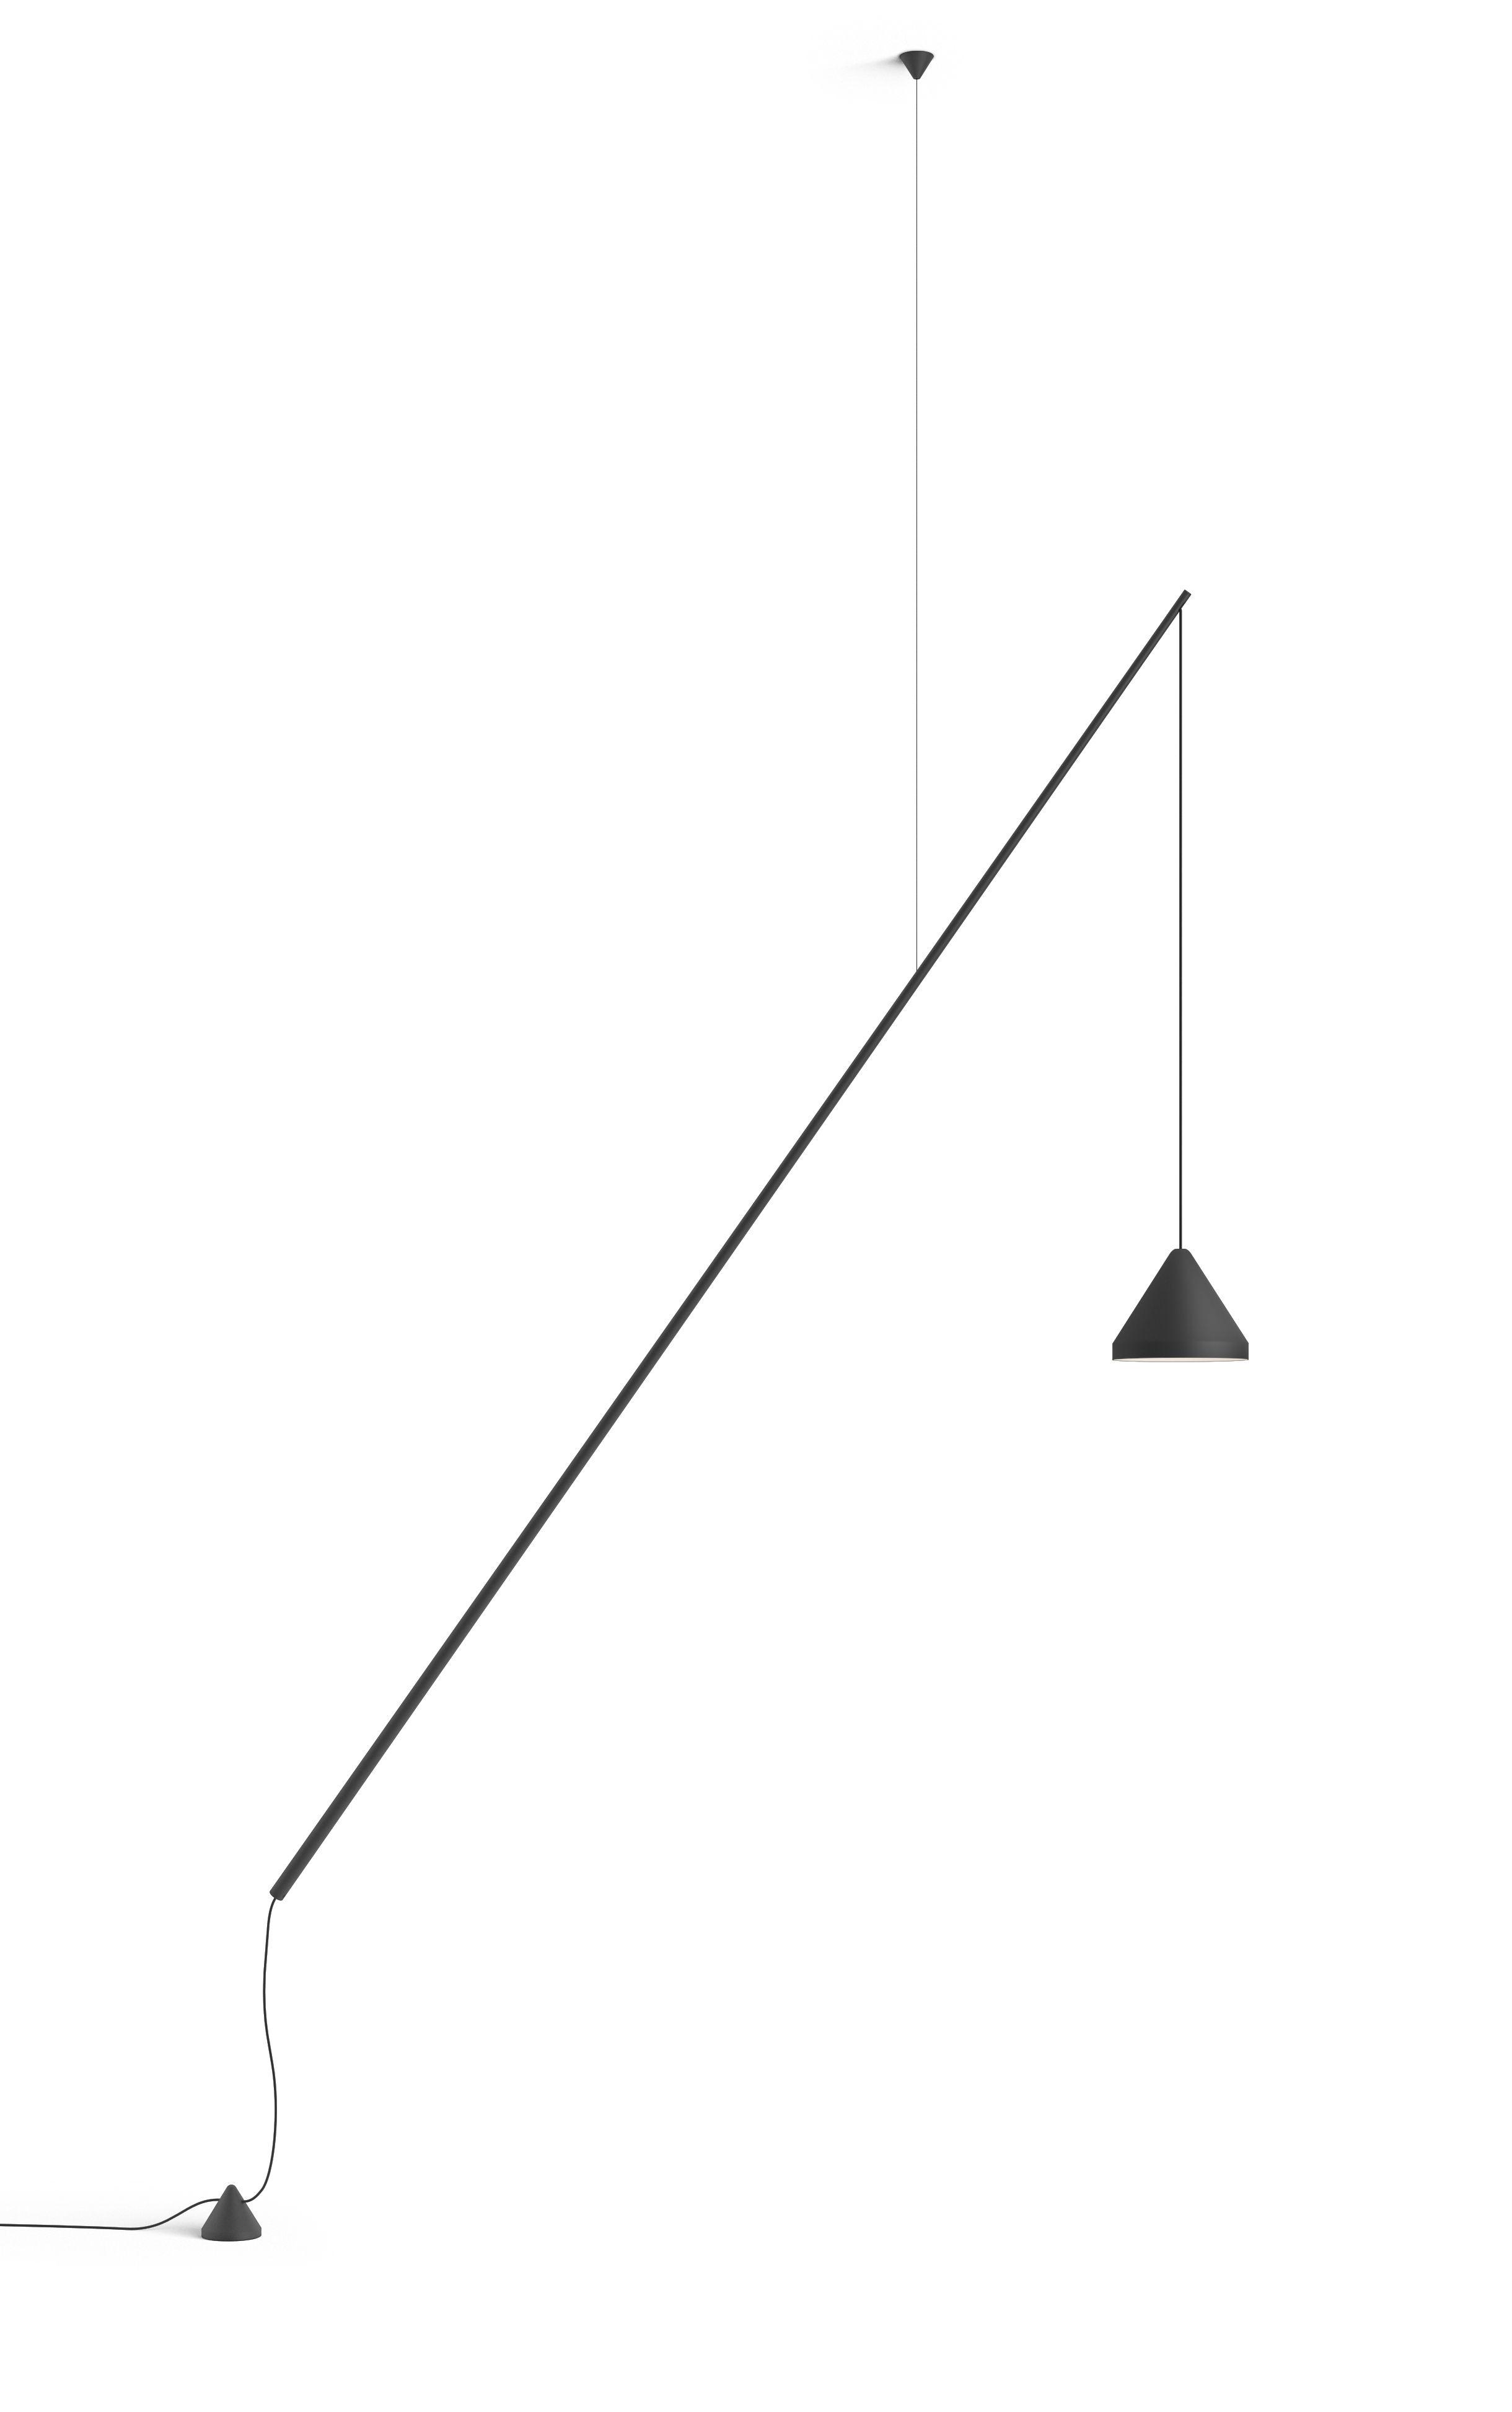 Leuchten - Stehleuchten - North Stehleuchte / hängend & verstellbar - LED - Vibia - Graphitgrau lackiert (matt) - Aluminium, Karbonfaser, Methacrylate, PMMA